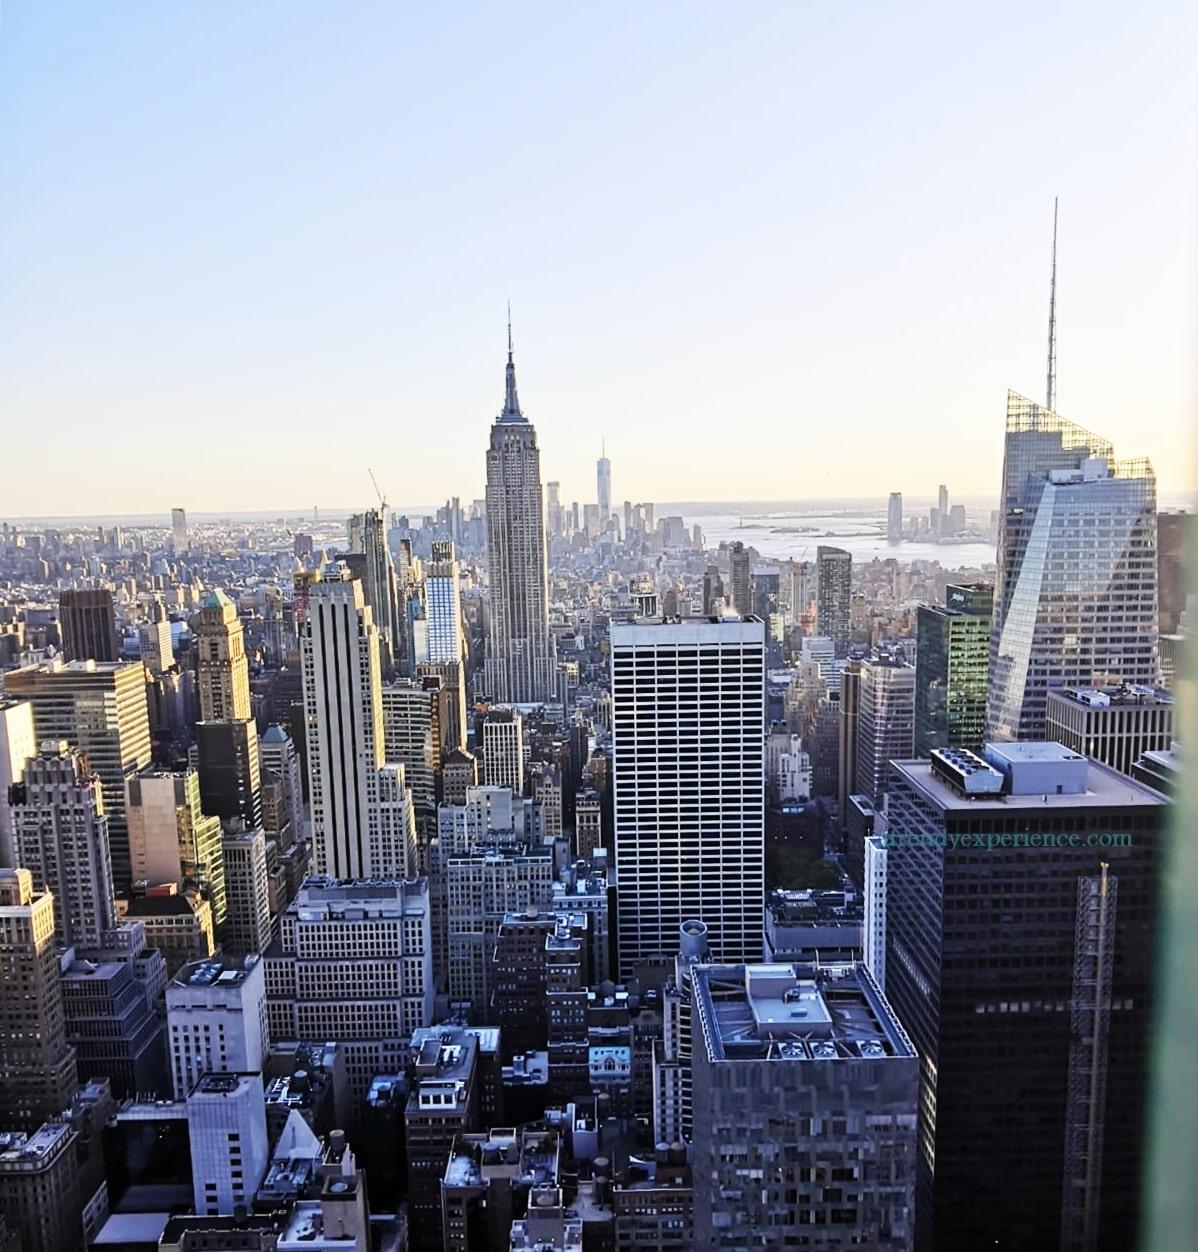 Consigli su cosa vedere a New York City